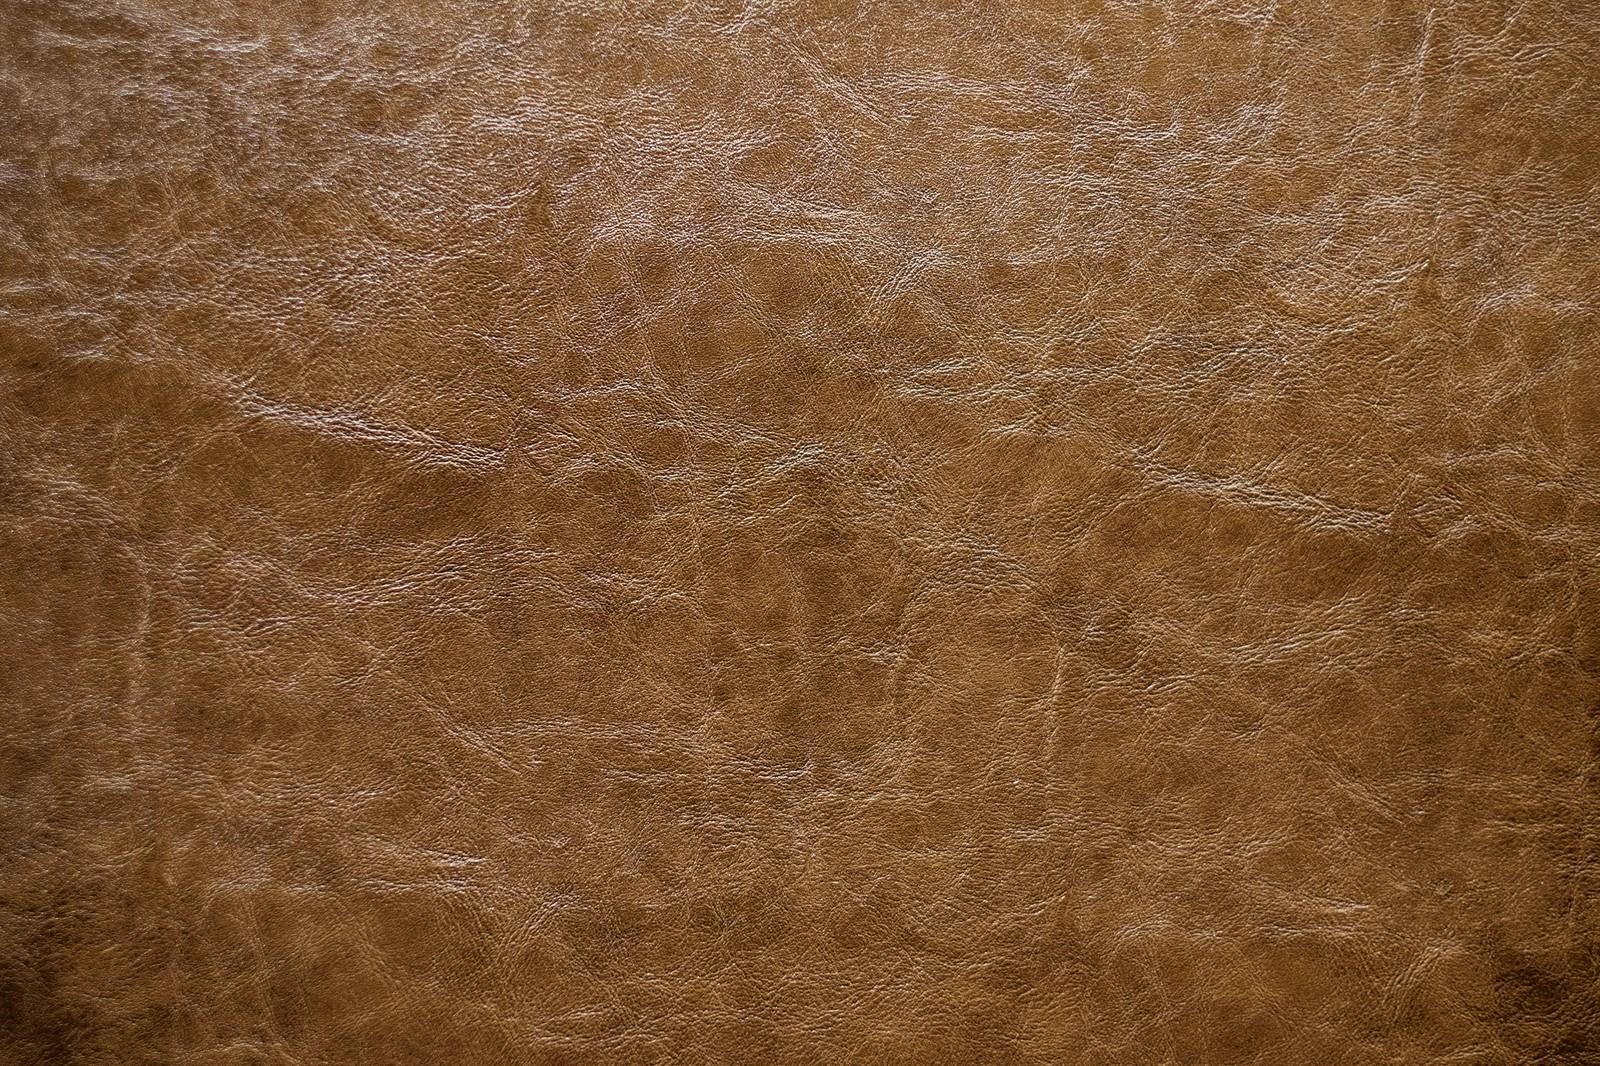 「革製品の表面(テクスチャー)革製品の表面(テクスチャー)」のフリー写真素材を拡大